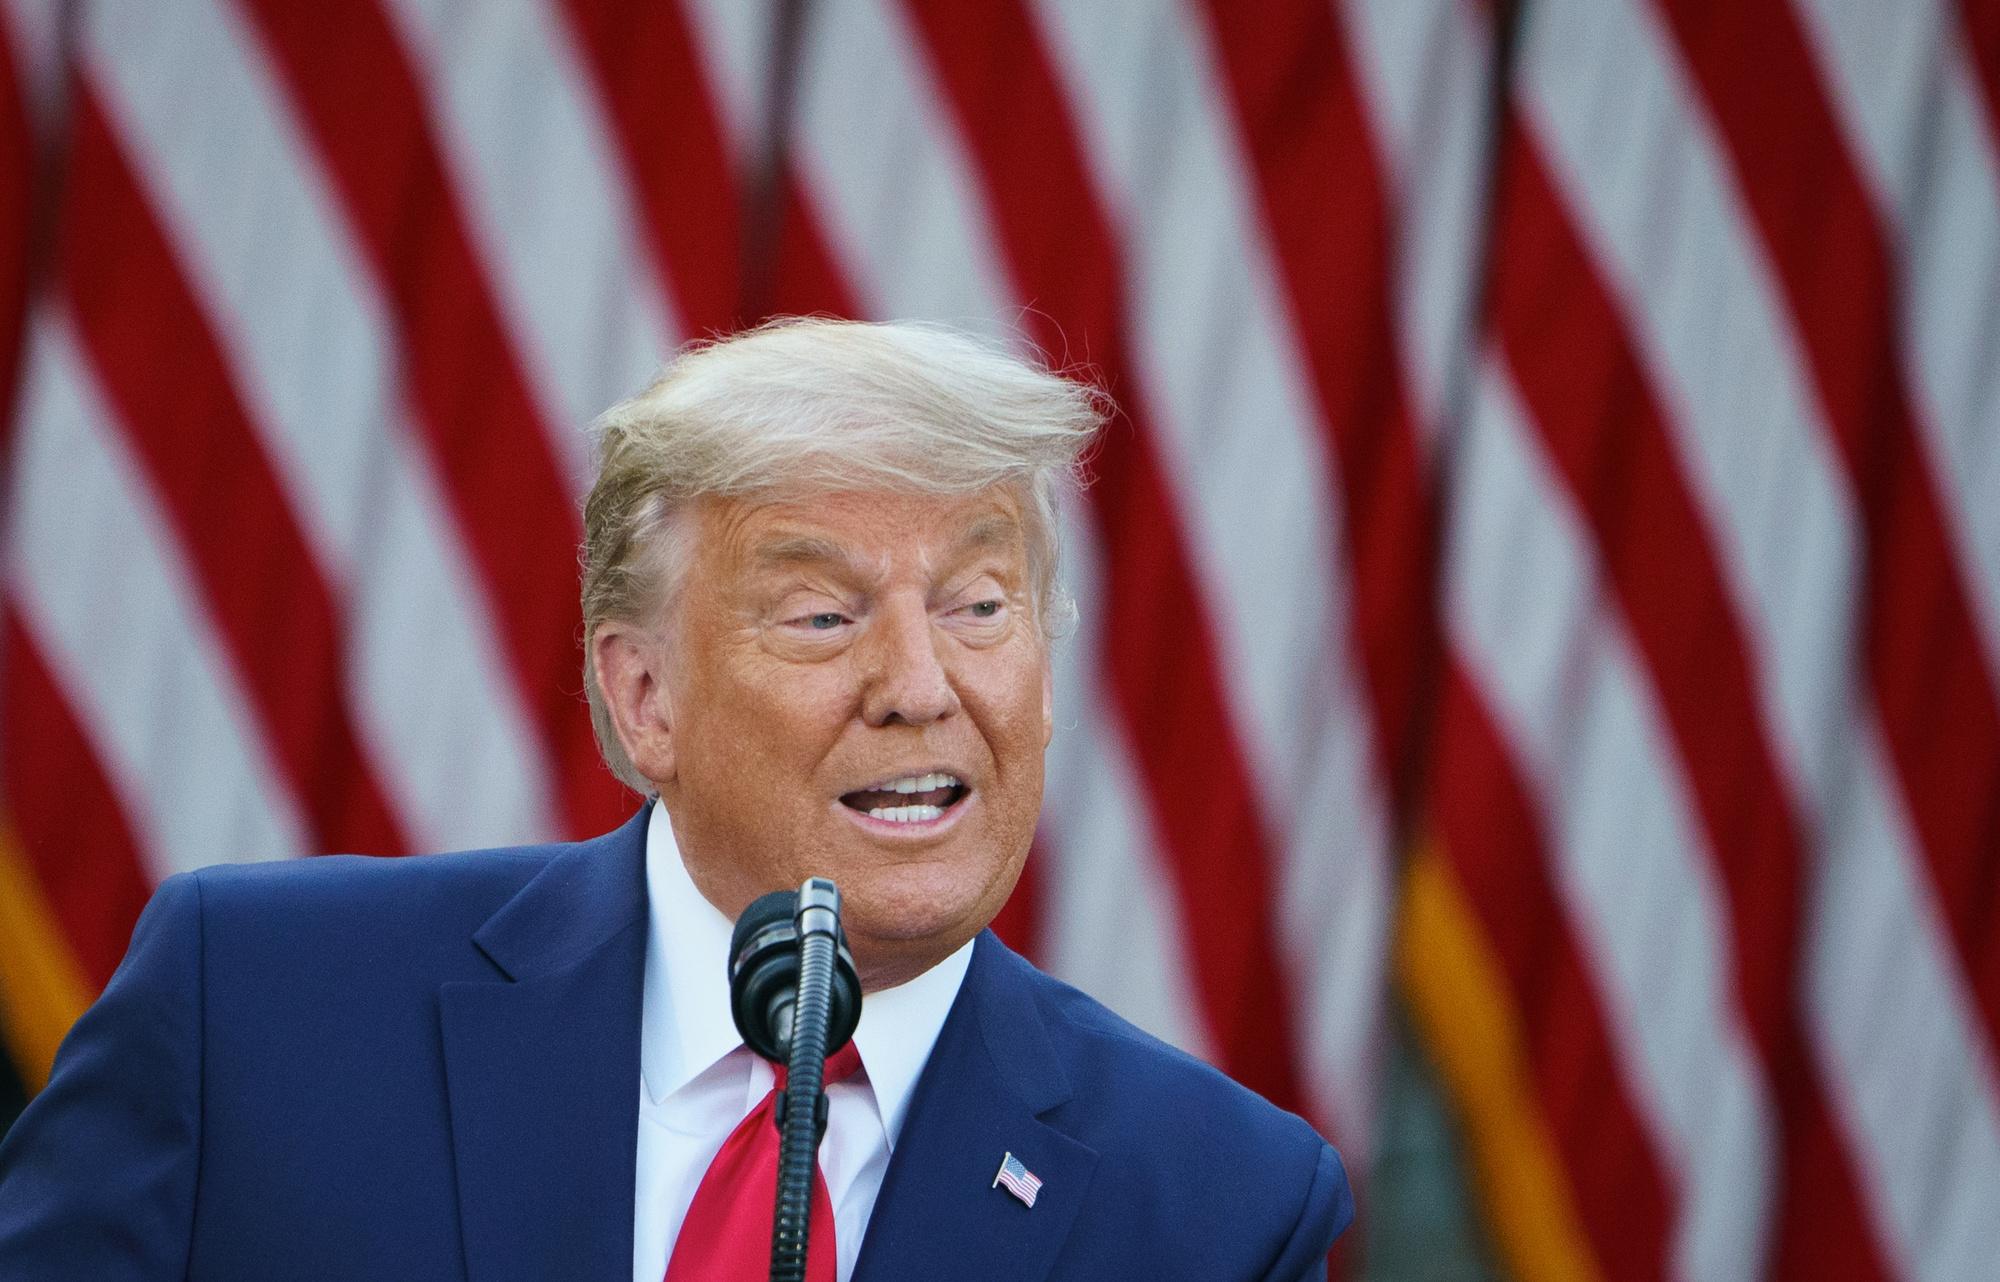 Donald Trump, AFP